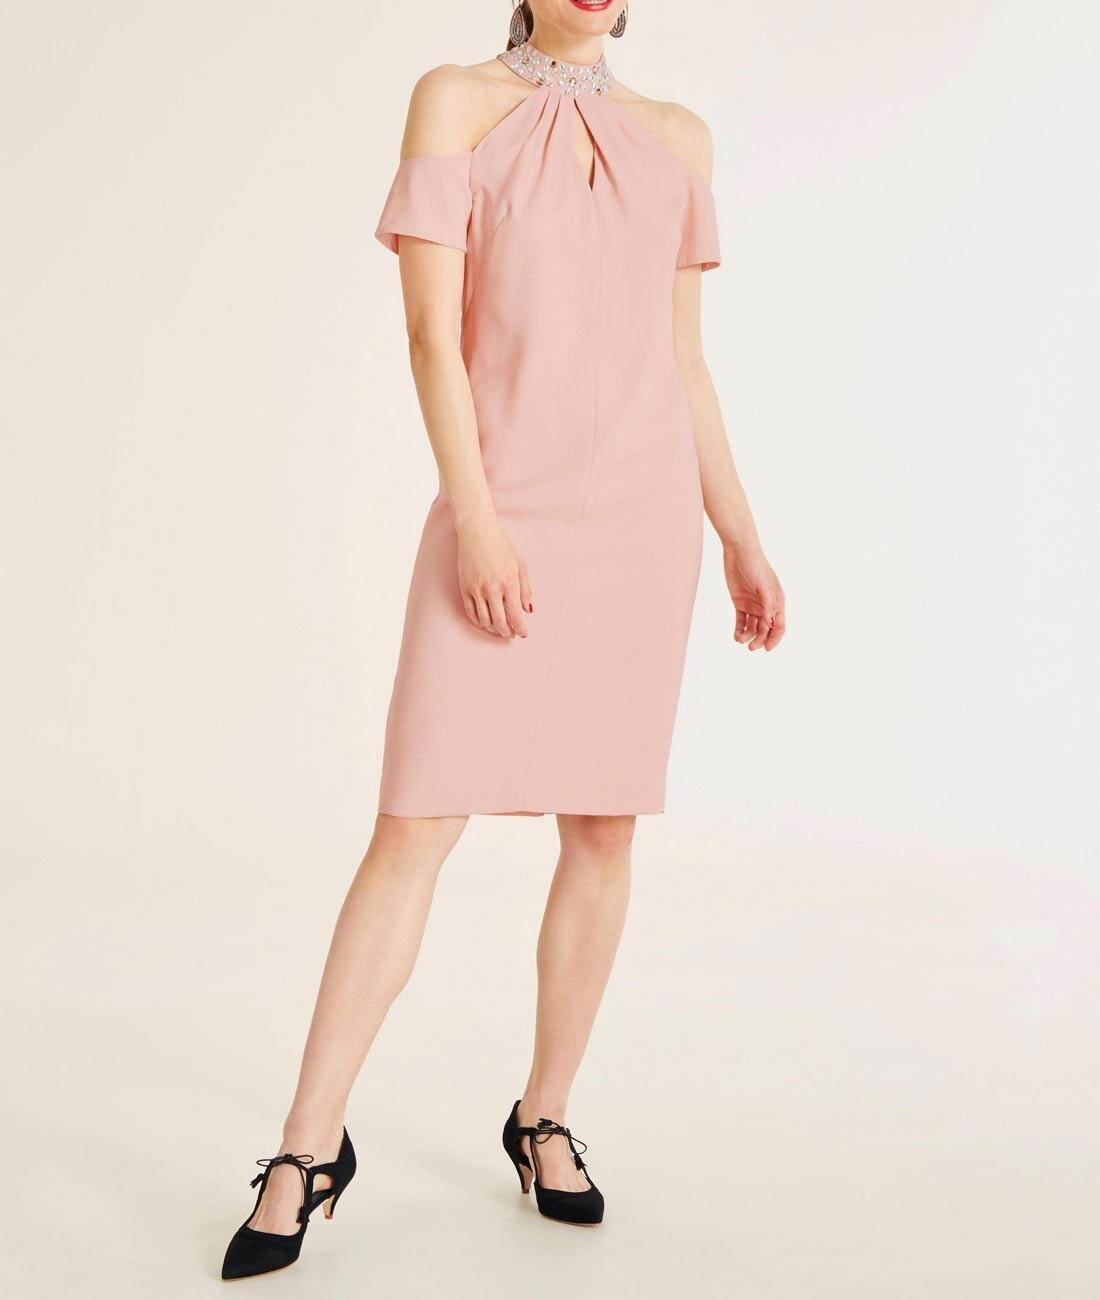 405.316 ASHLEY BROOKE Damen Designer-Cocktailkleid Rosa